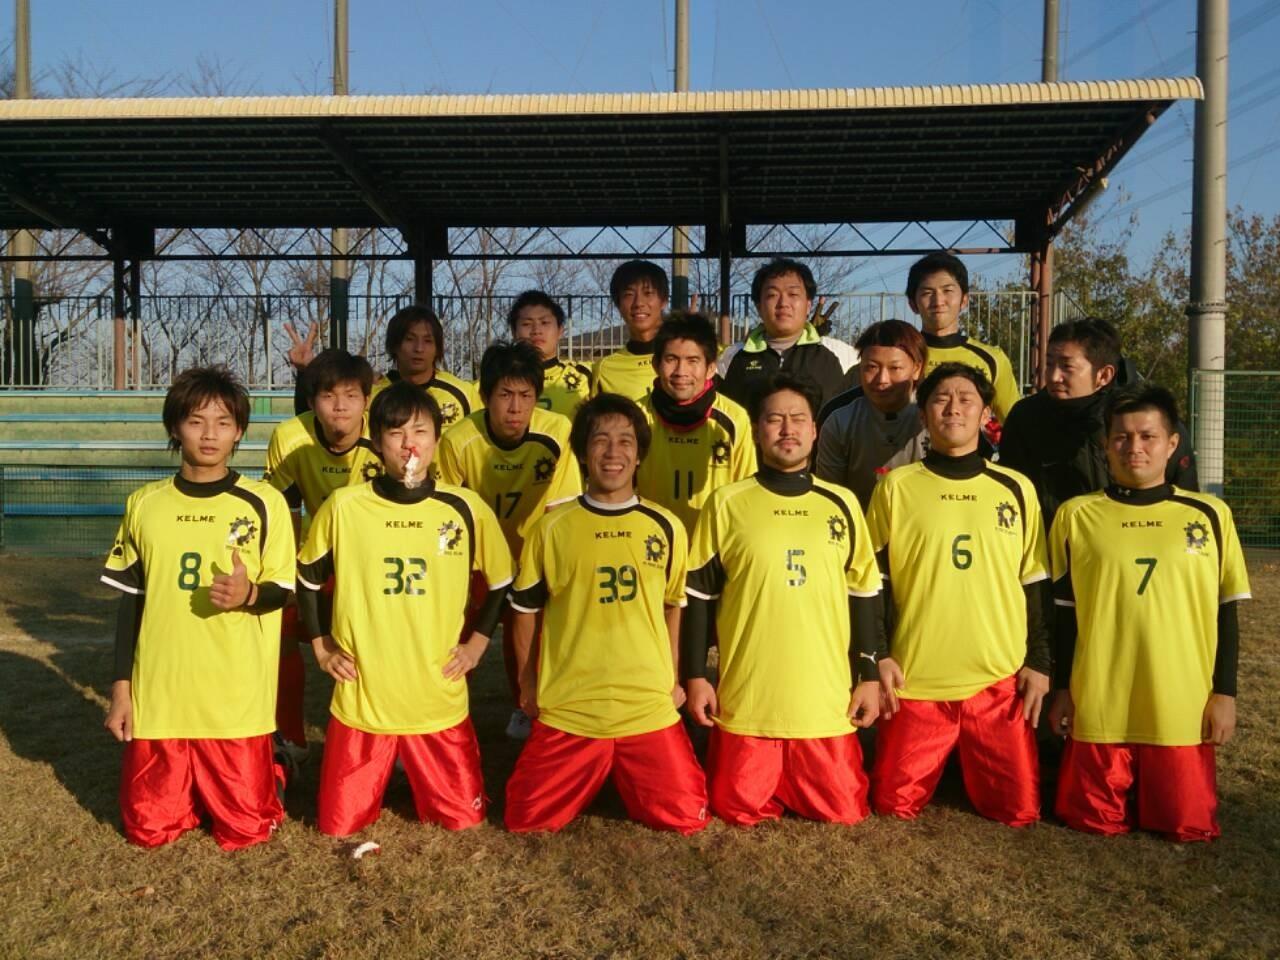 2013/12/01 大阪府リーグ第7節 清滝スポーツヒルズ球技場 vs FC.FORTE